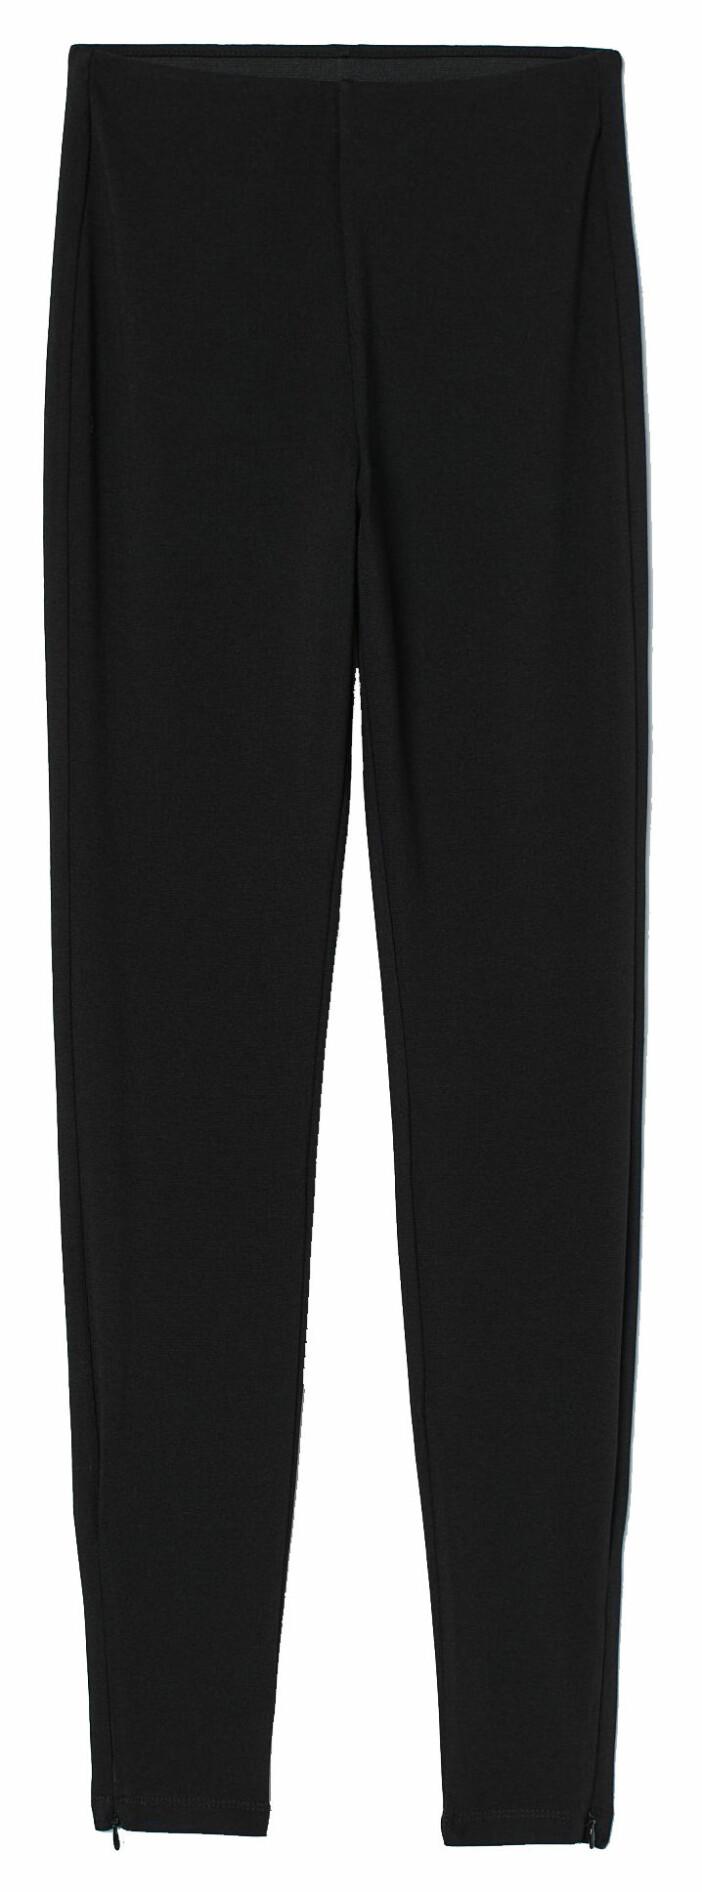 Högmidjade leggings från H&M med dold dragkedja nedtill